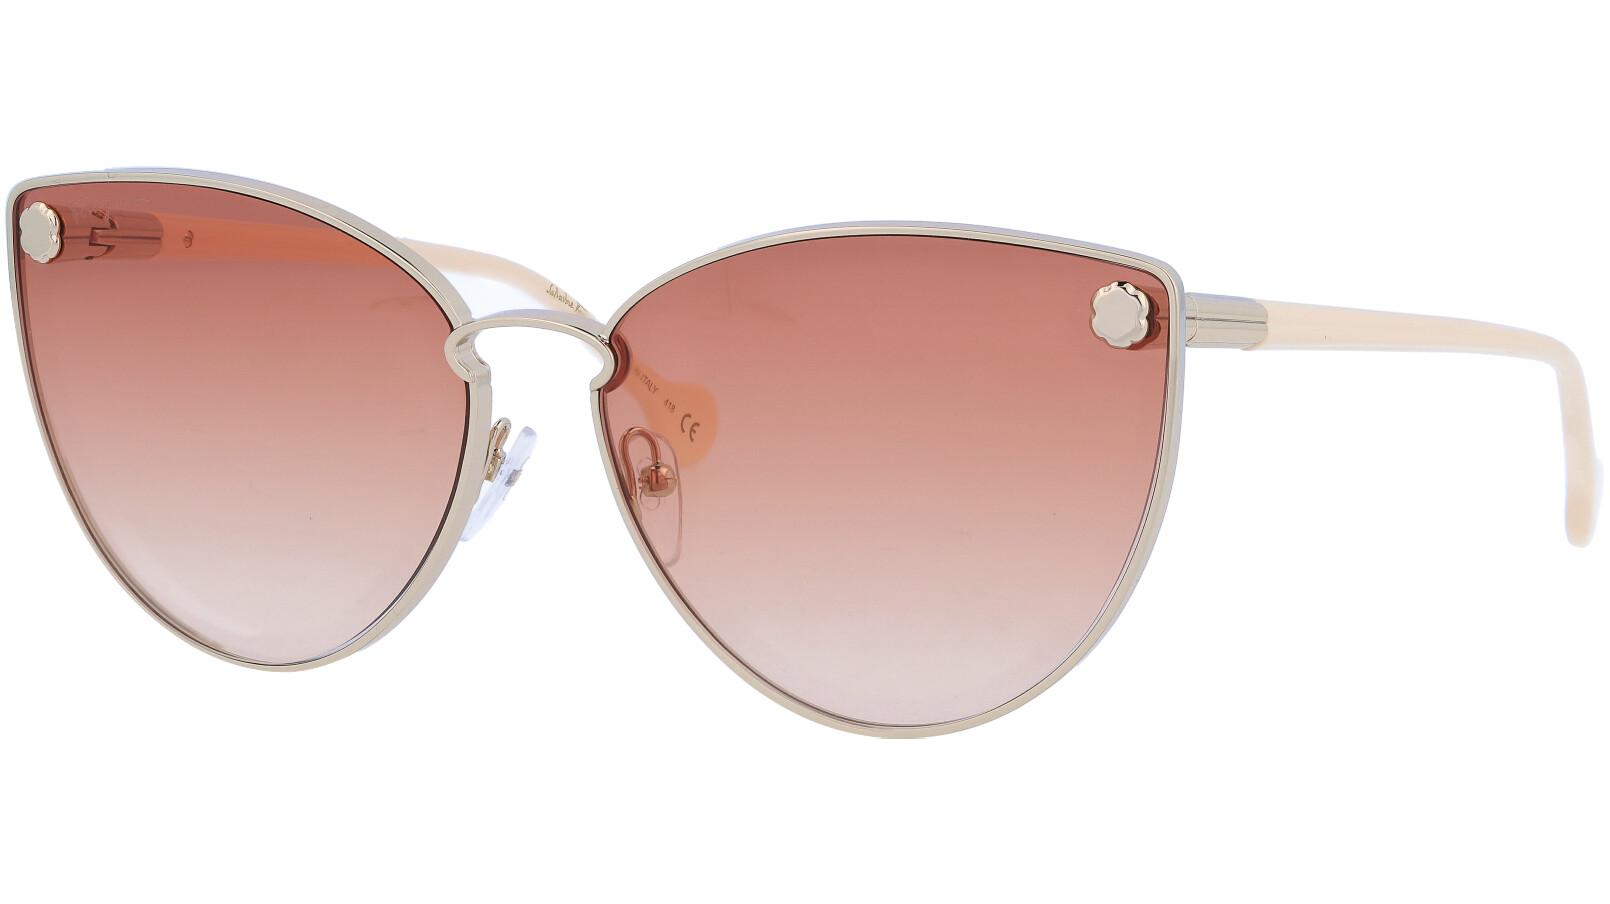 SALVATORE FERRAGAMO SF185S 710 64 GOLD Sunglasses